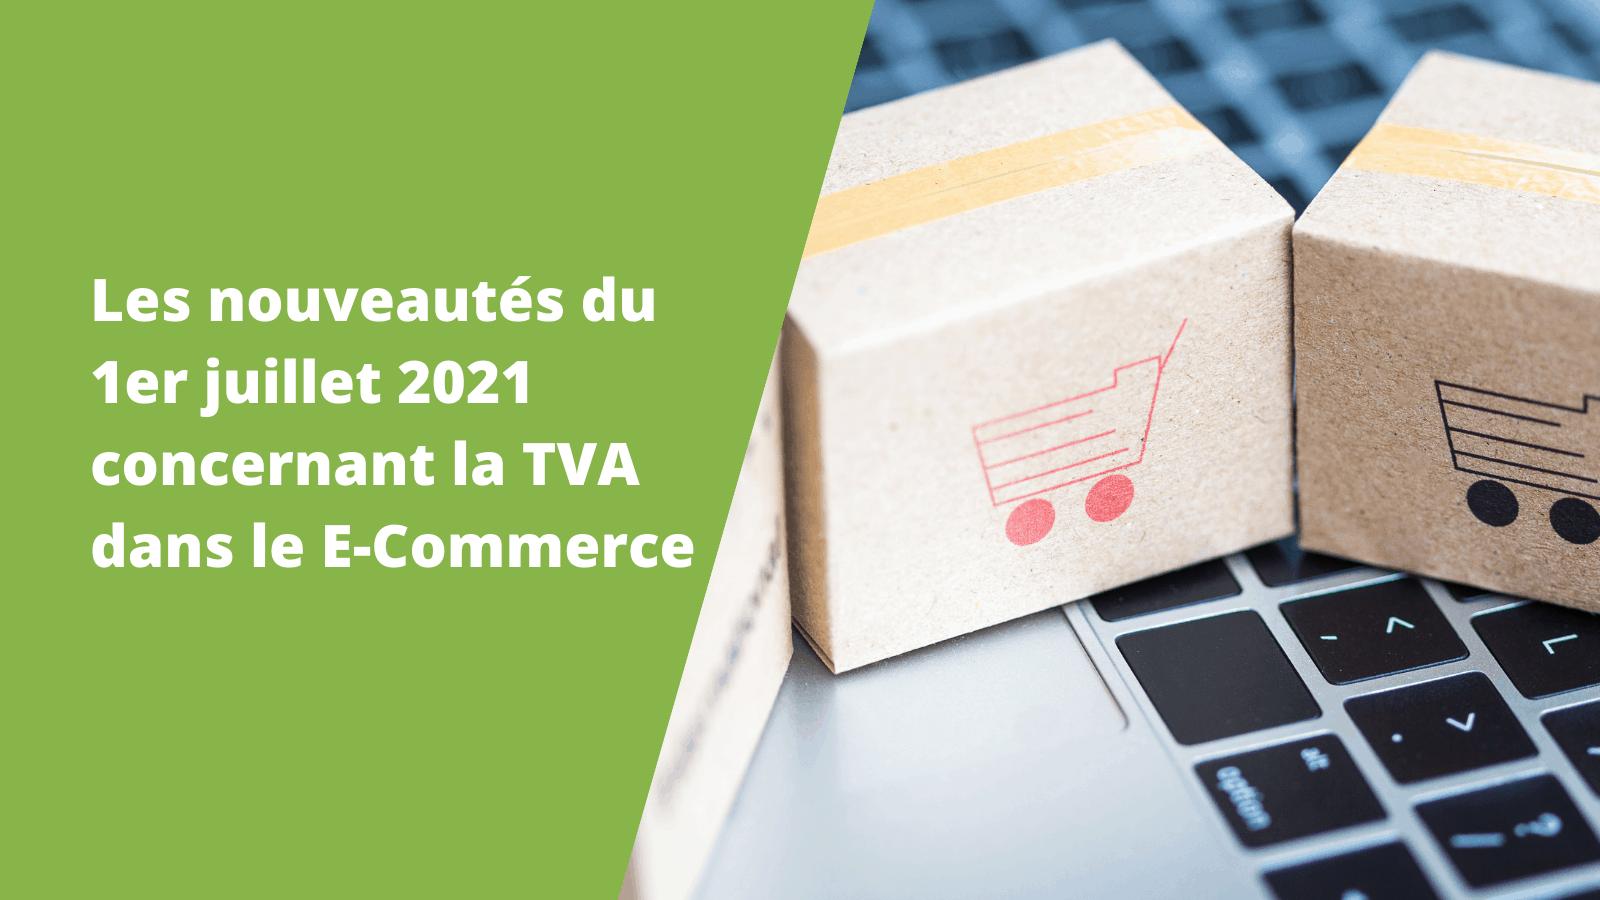 la TVA dans le E-Commerce